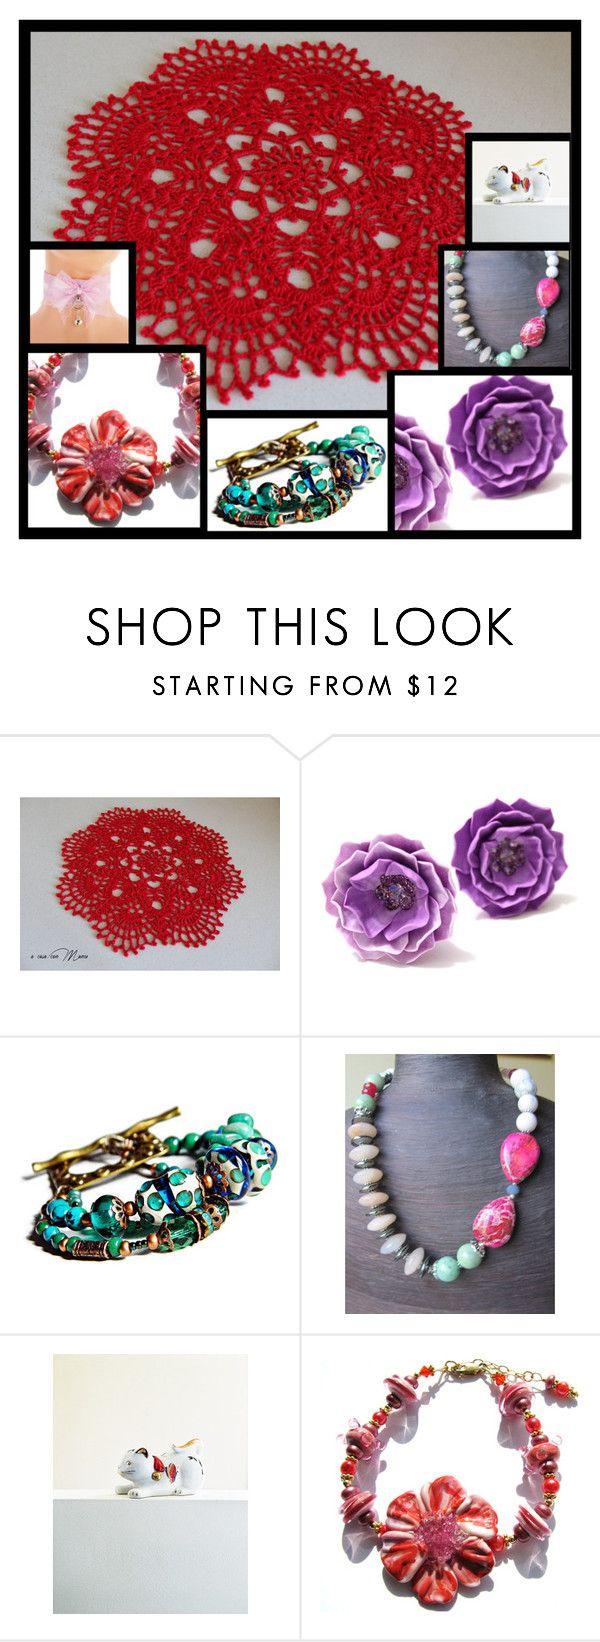 Amato Oltre 25 fantastiche idee su Regali fatti a mano su Pinterest  YX26